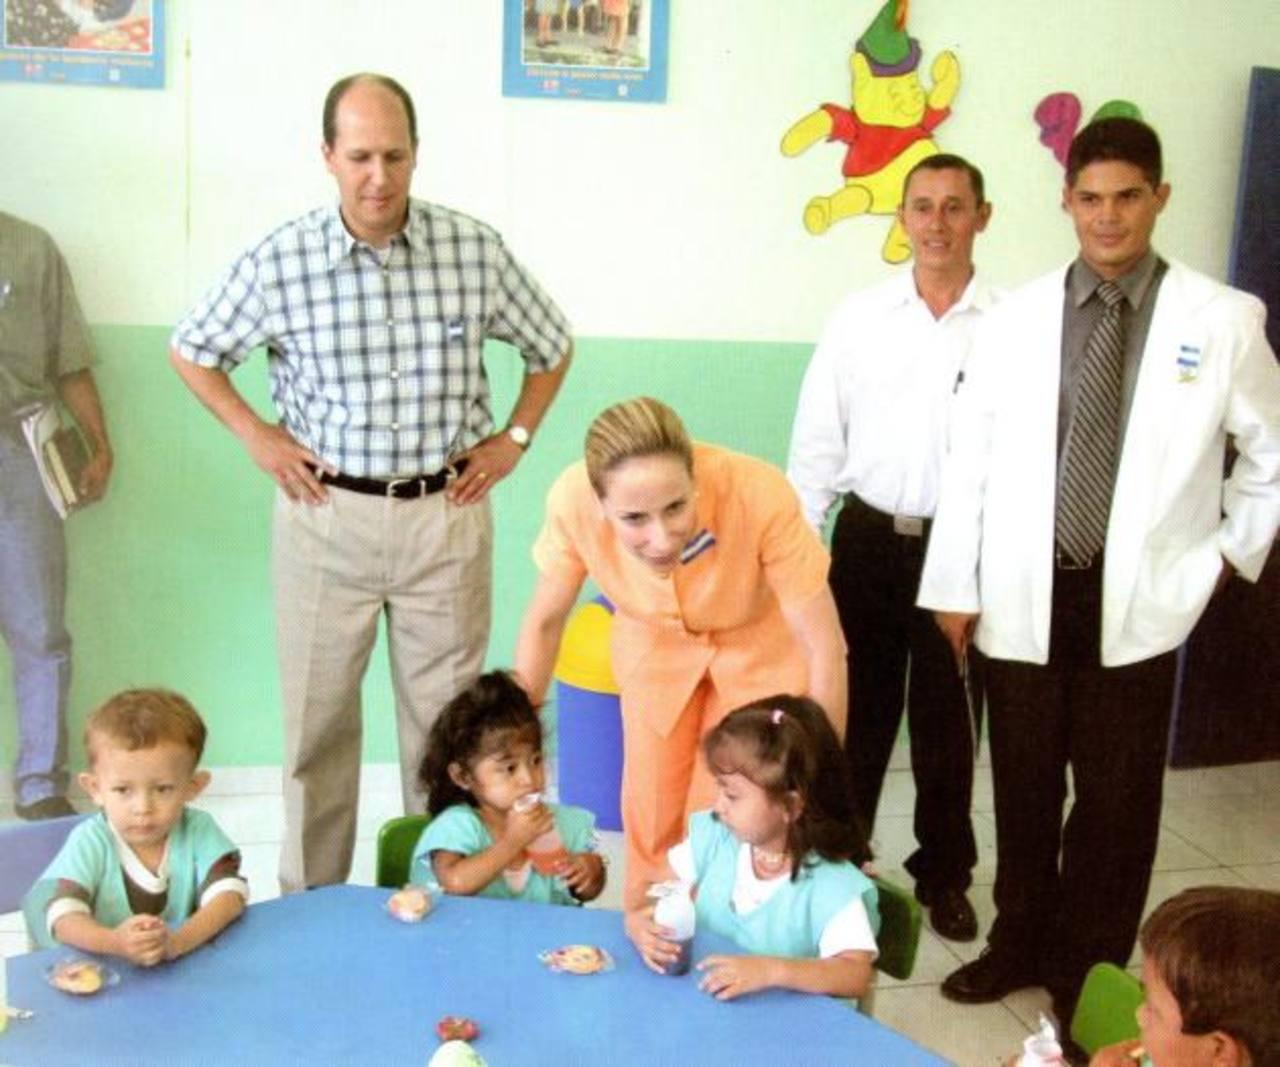 Simán lideró el FISDL entre 1999 y 2004. Acá con la exprimera dama Lourdes de Flores en un evento. foto edh / Cortesía